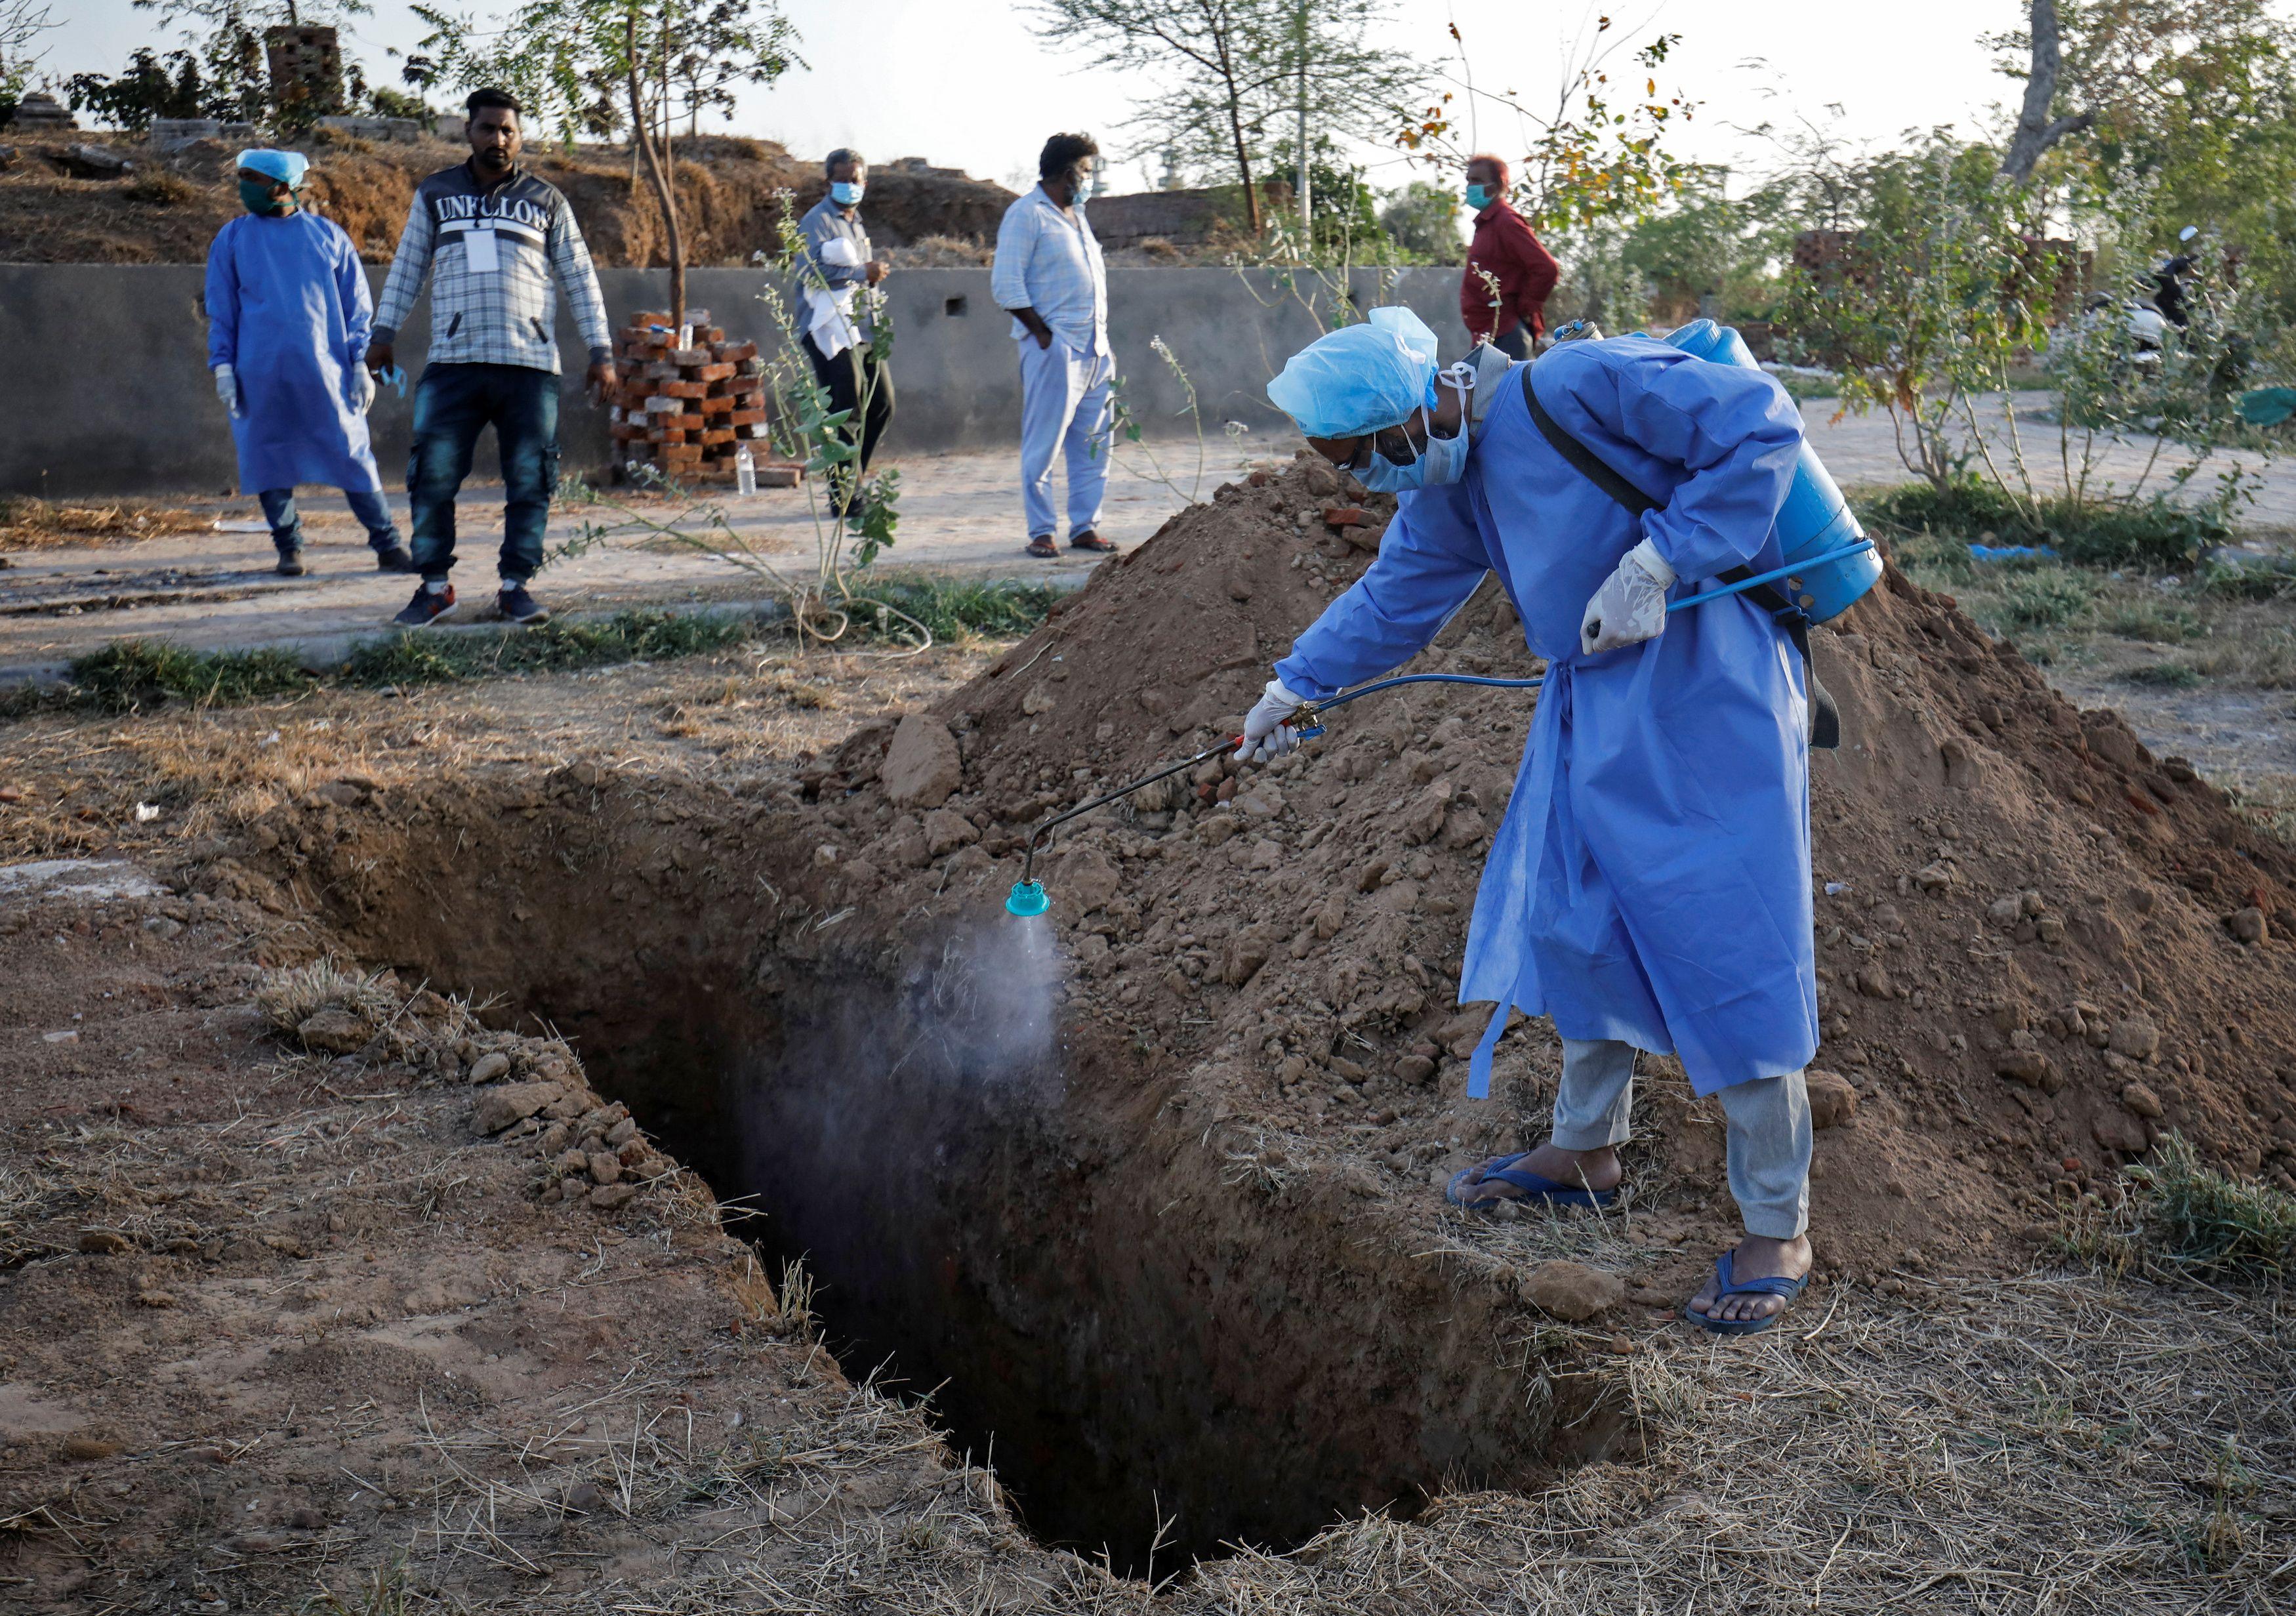 Un trabajador municipal desinfecta la fosa donde descansará el cuerpo de una persona que murió por coronavirus en la India (REUTERS/Amit Dave)